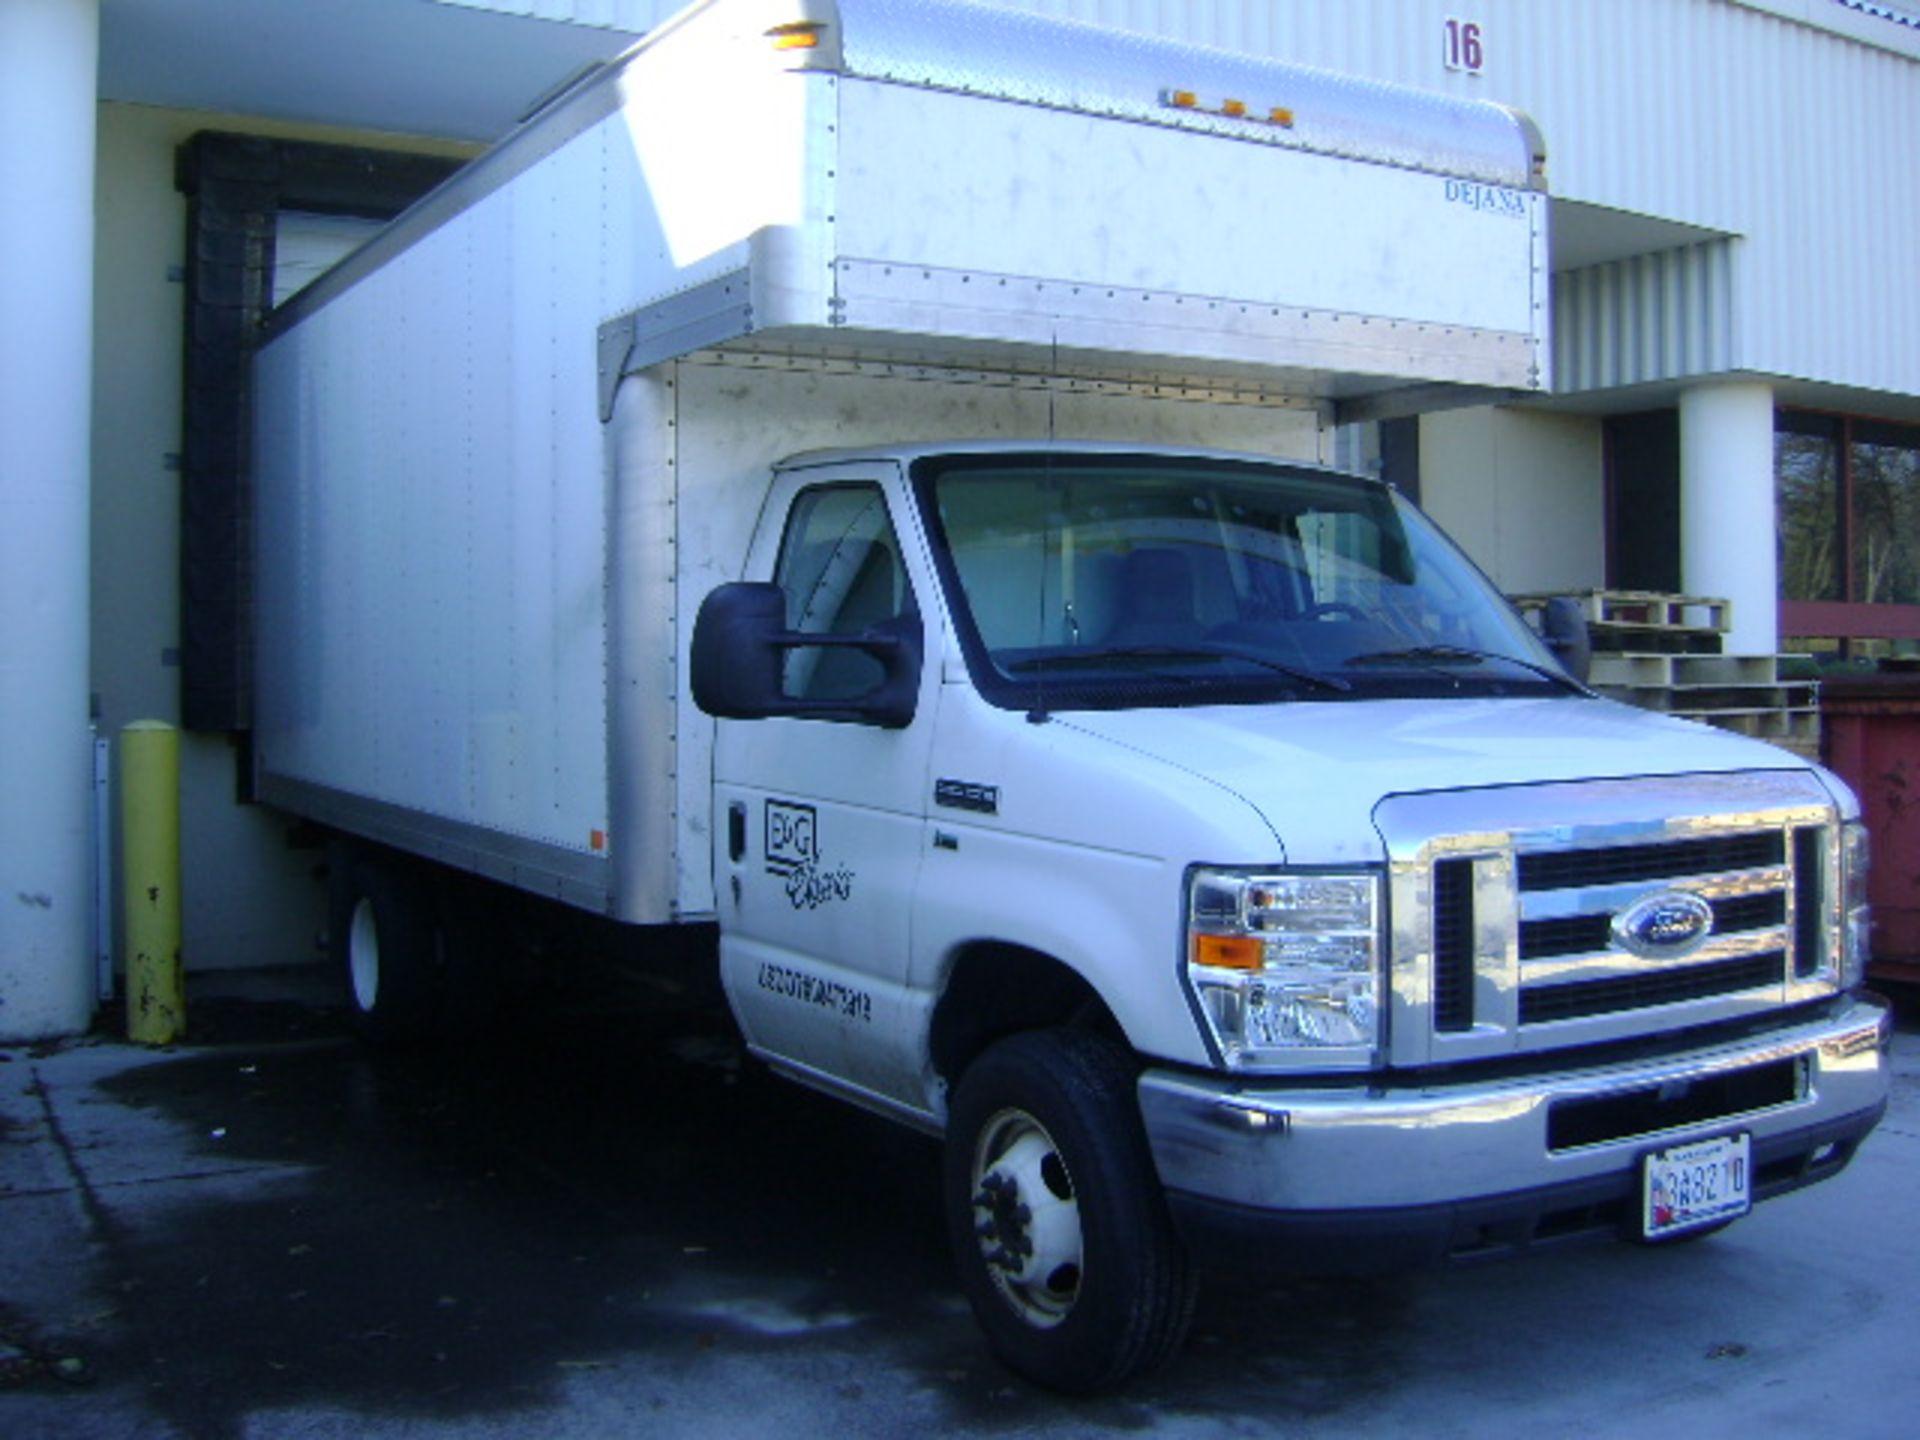 2012 Ford E350 Super Duty 18' Cube Van Truck